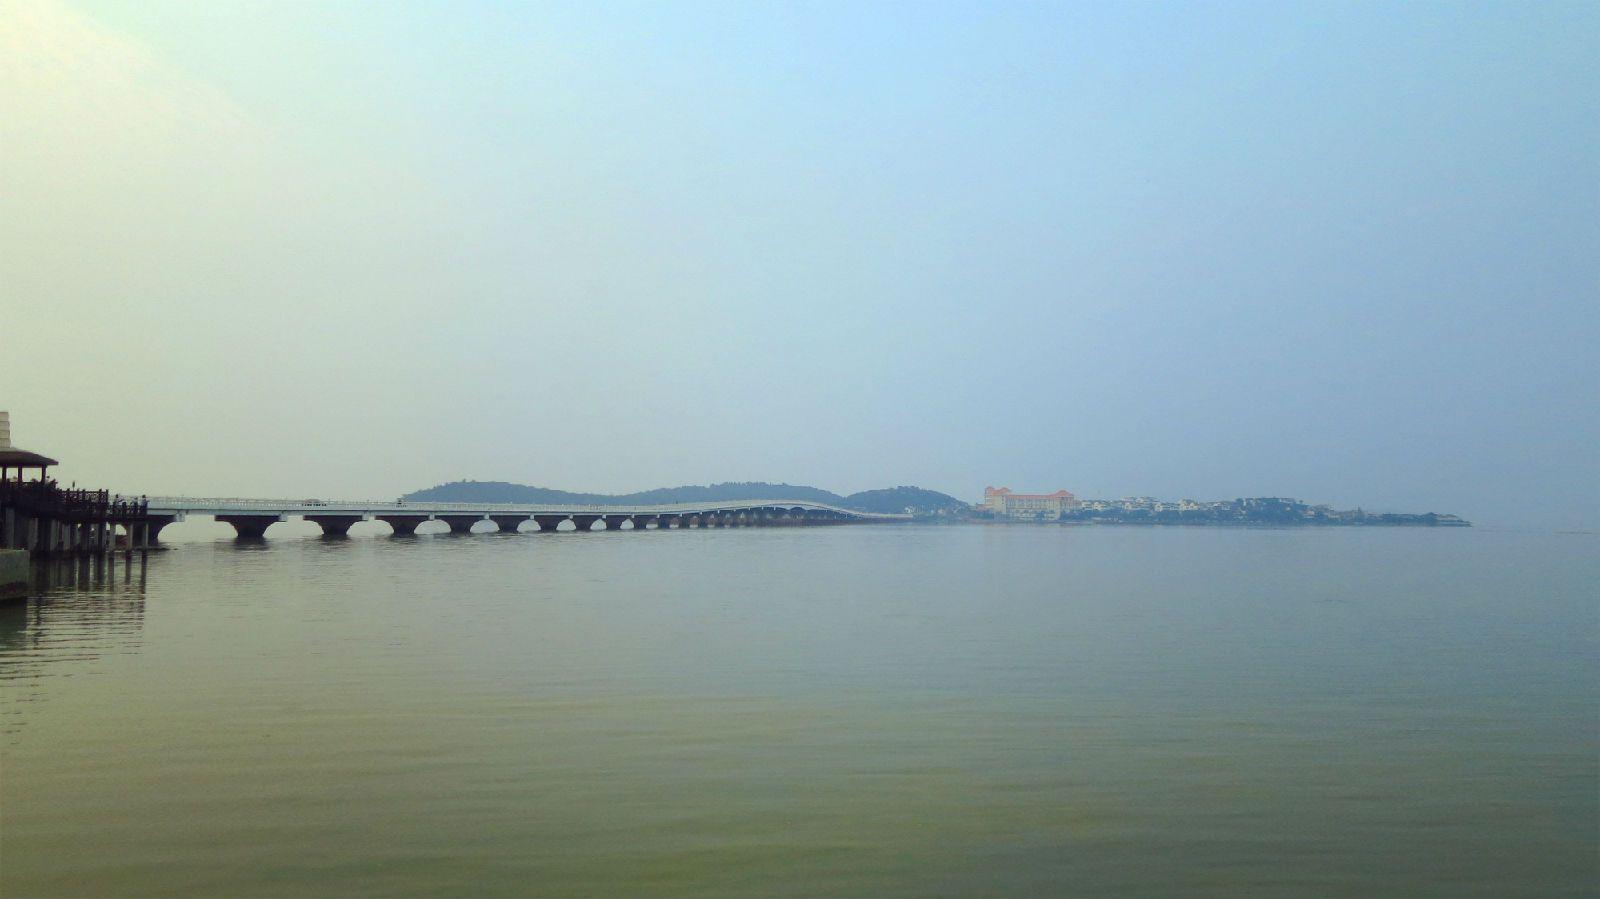 除了苏州太湖风景区,深圳东部华侨城大峡谷,适合拍照